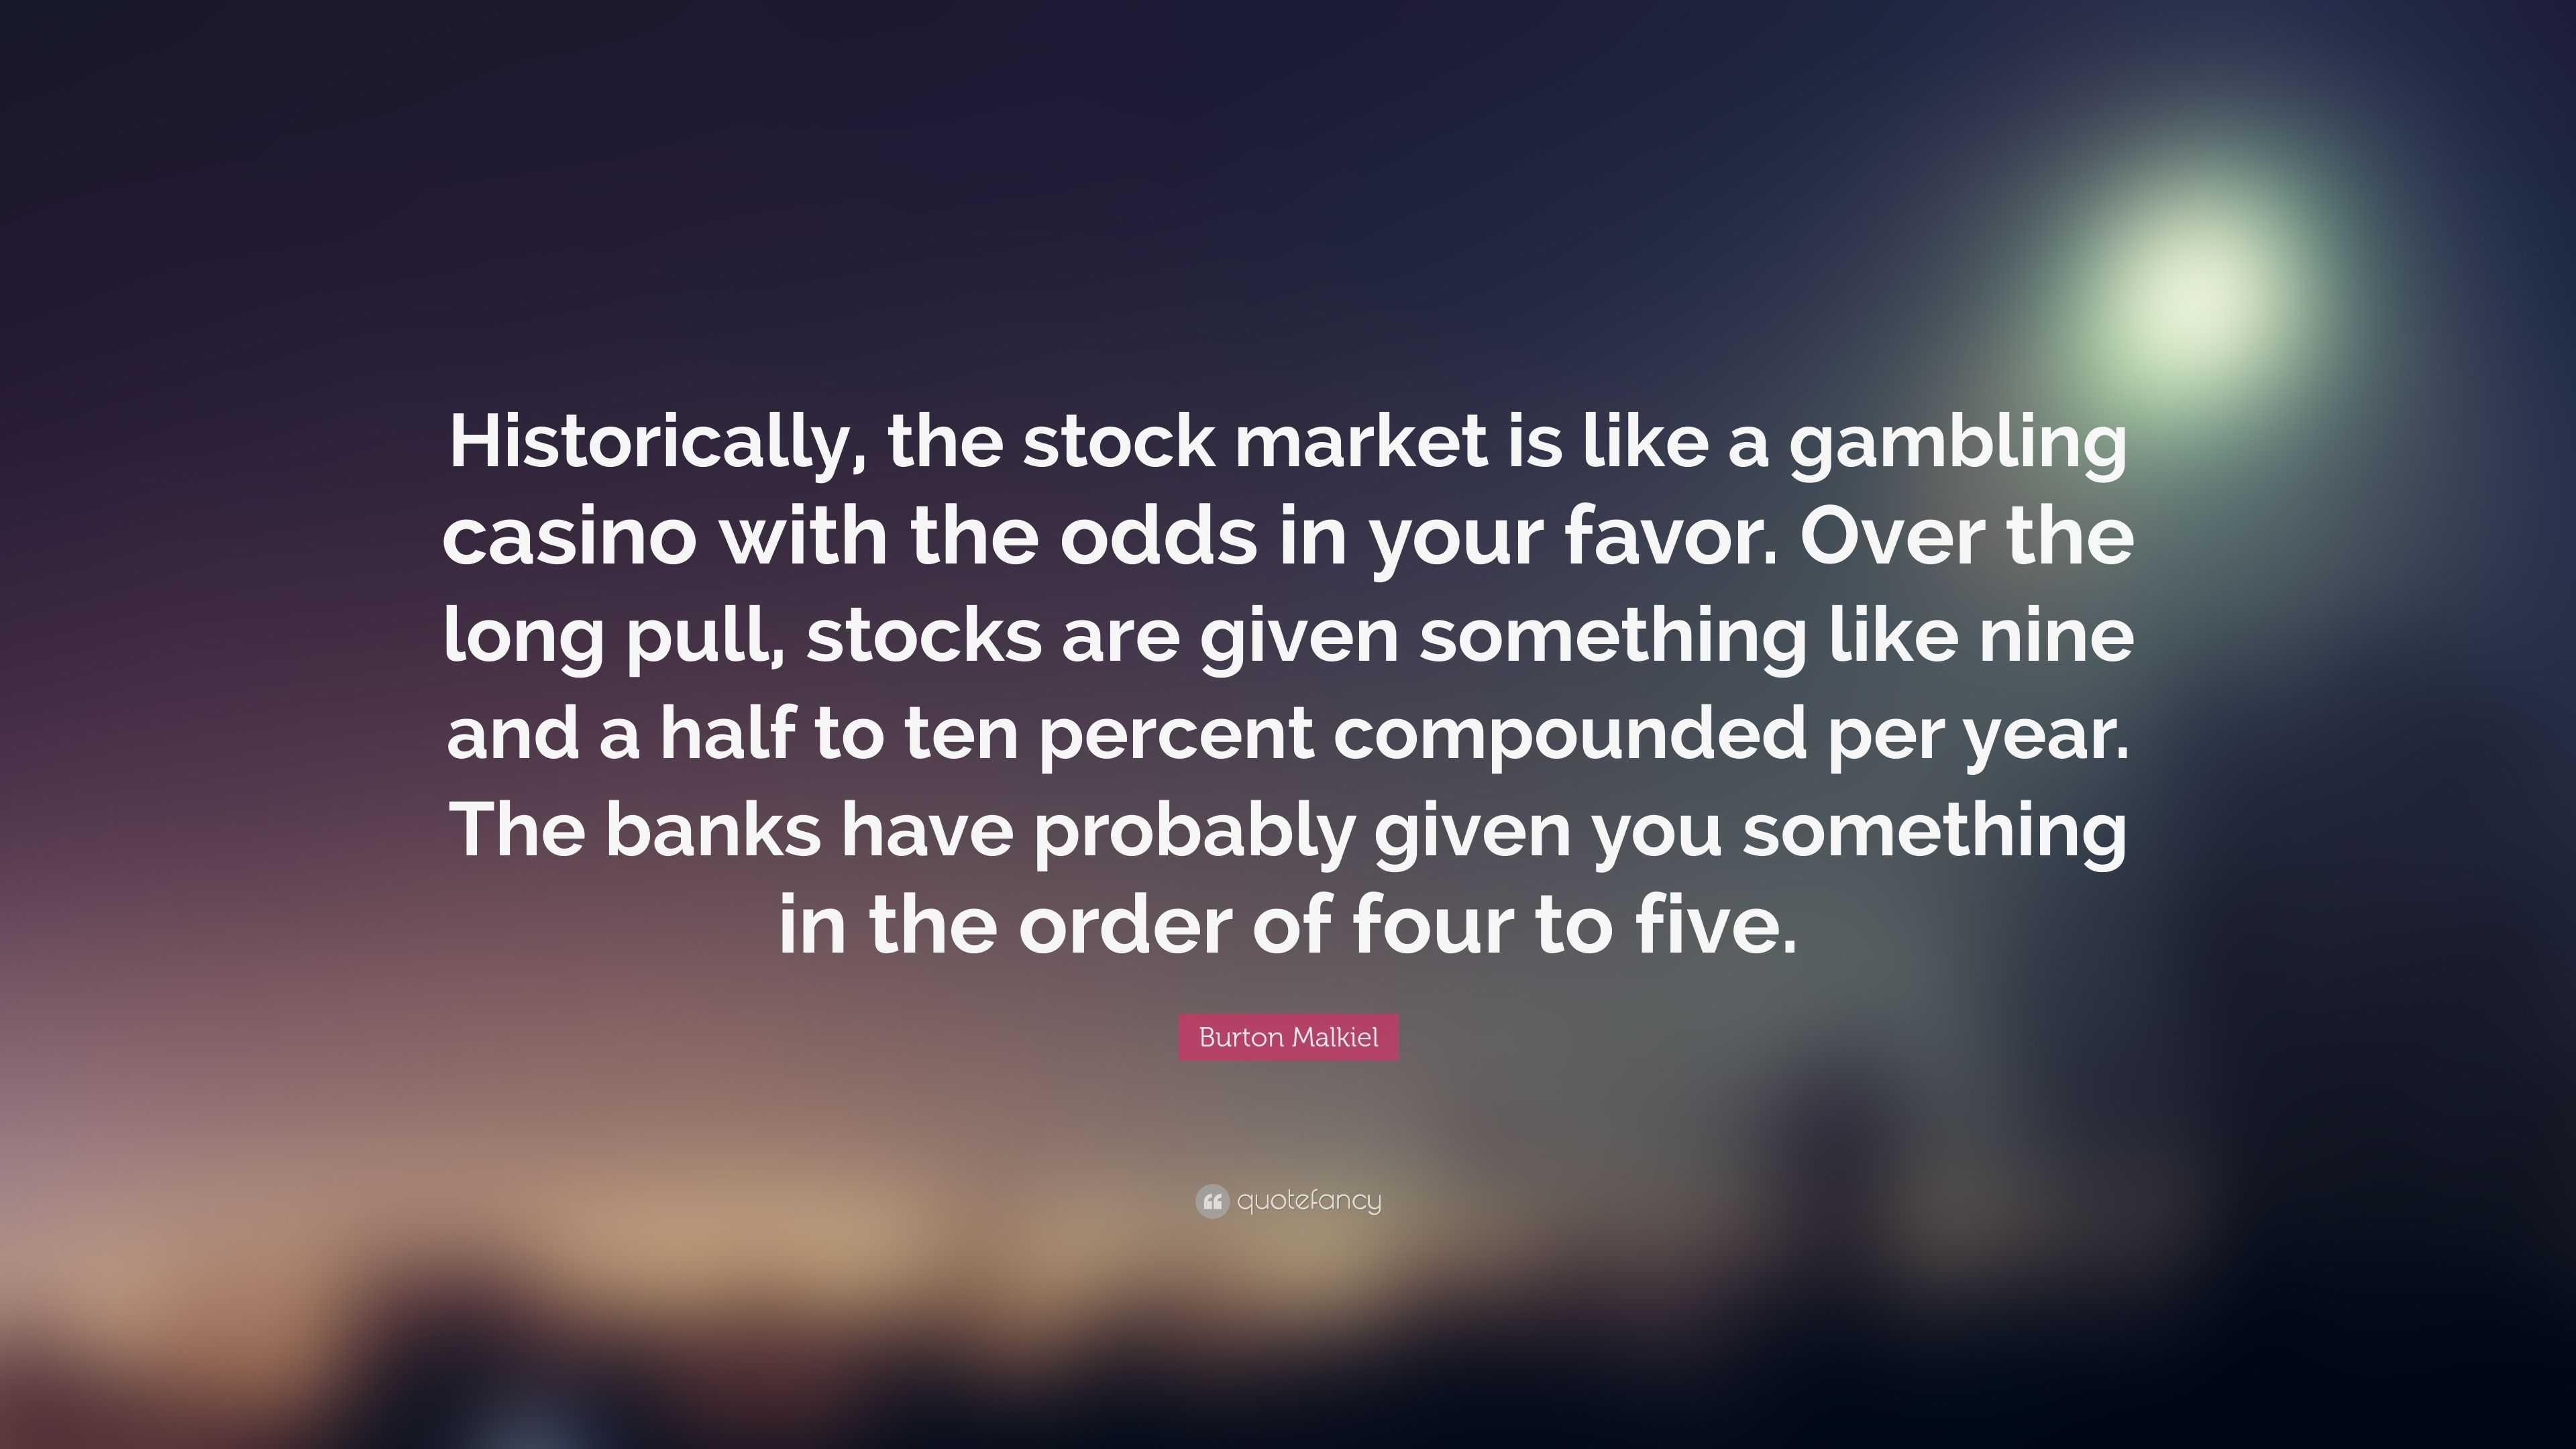 stock market is like a casino